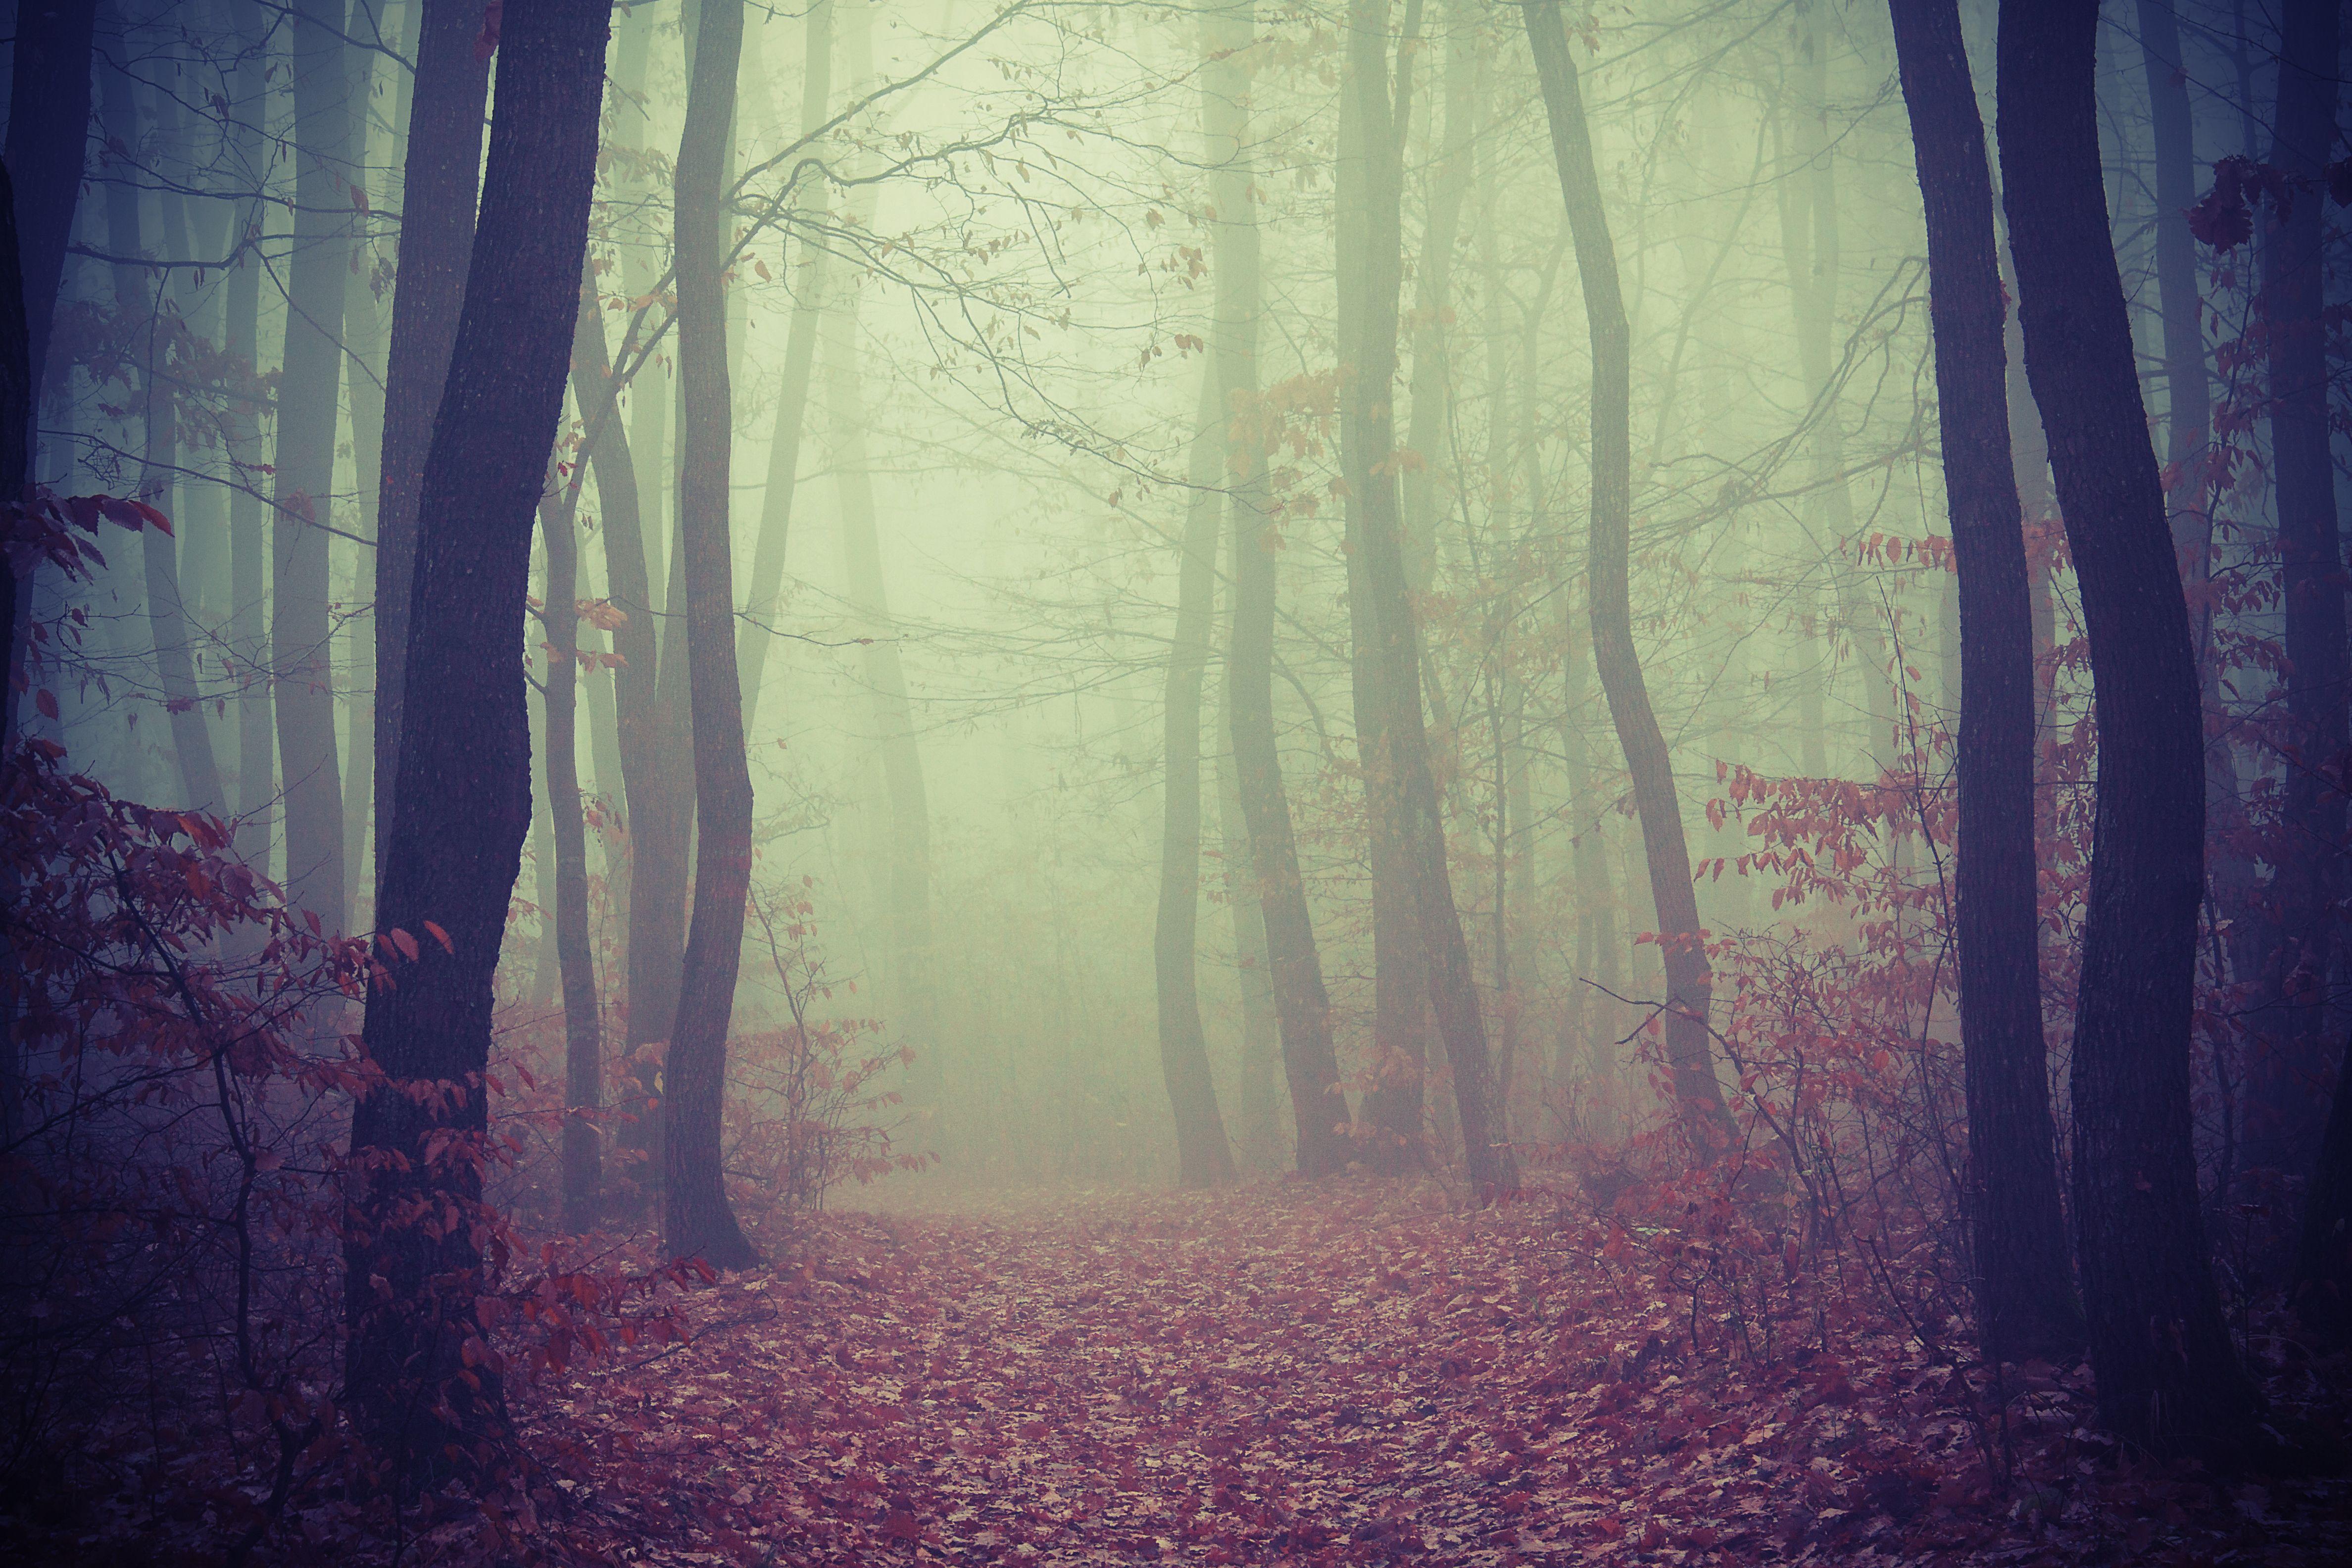 Scaricare Gli Sfondi Foresta Alberi Nebbia Sfondi Gratis Per La Risoluzione Del Desktop 4752x3168 Immagine 561633 Sfondi Paesaggi Fotografia Di Autunno